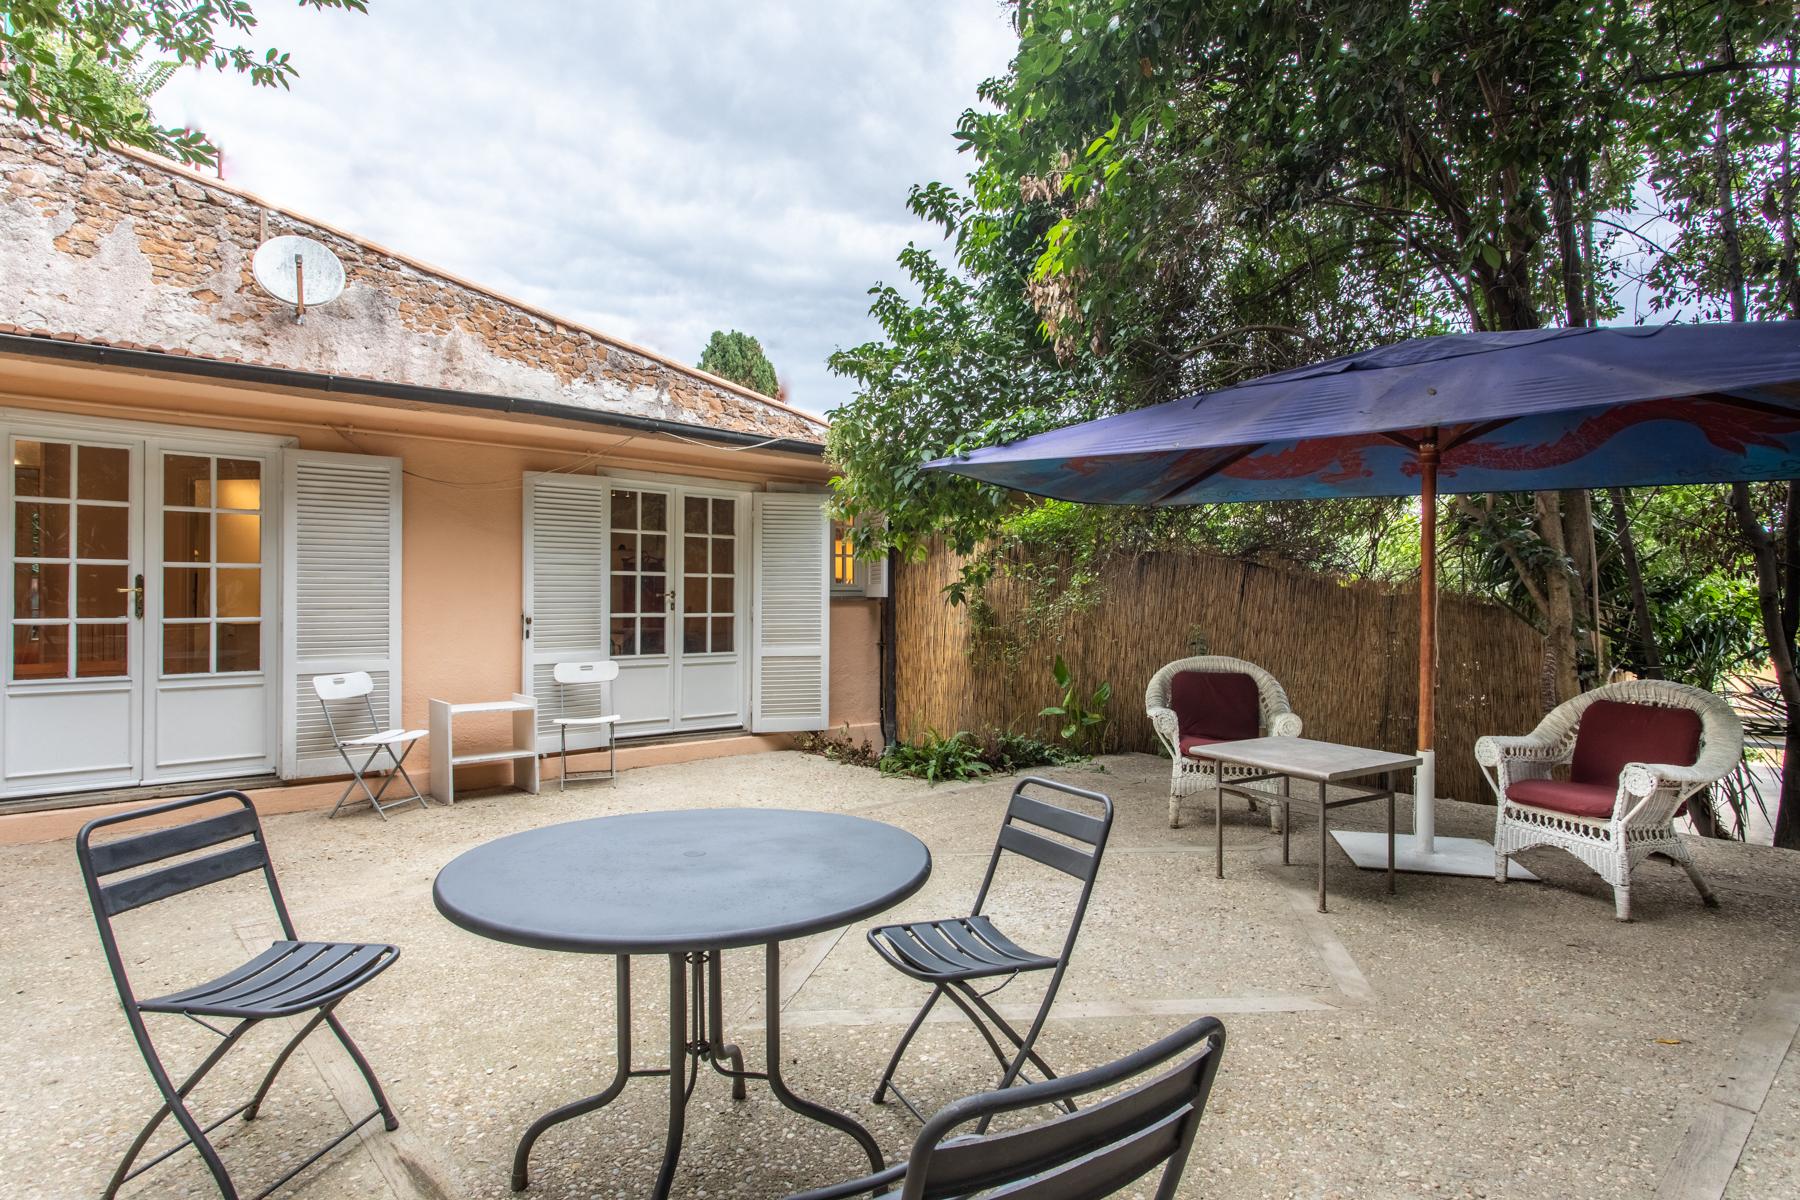 Casa indipendente in Affitto a Roma 28 Trastevere / Testaccio: 2 locali, 40 mq